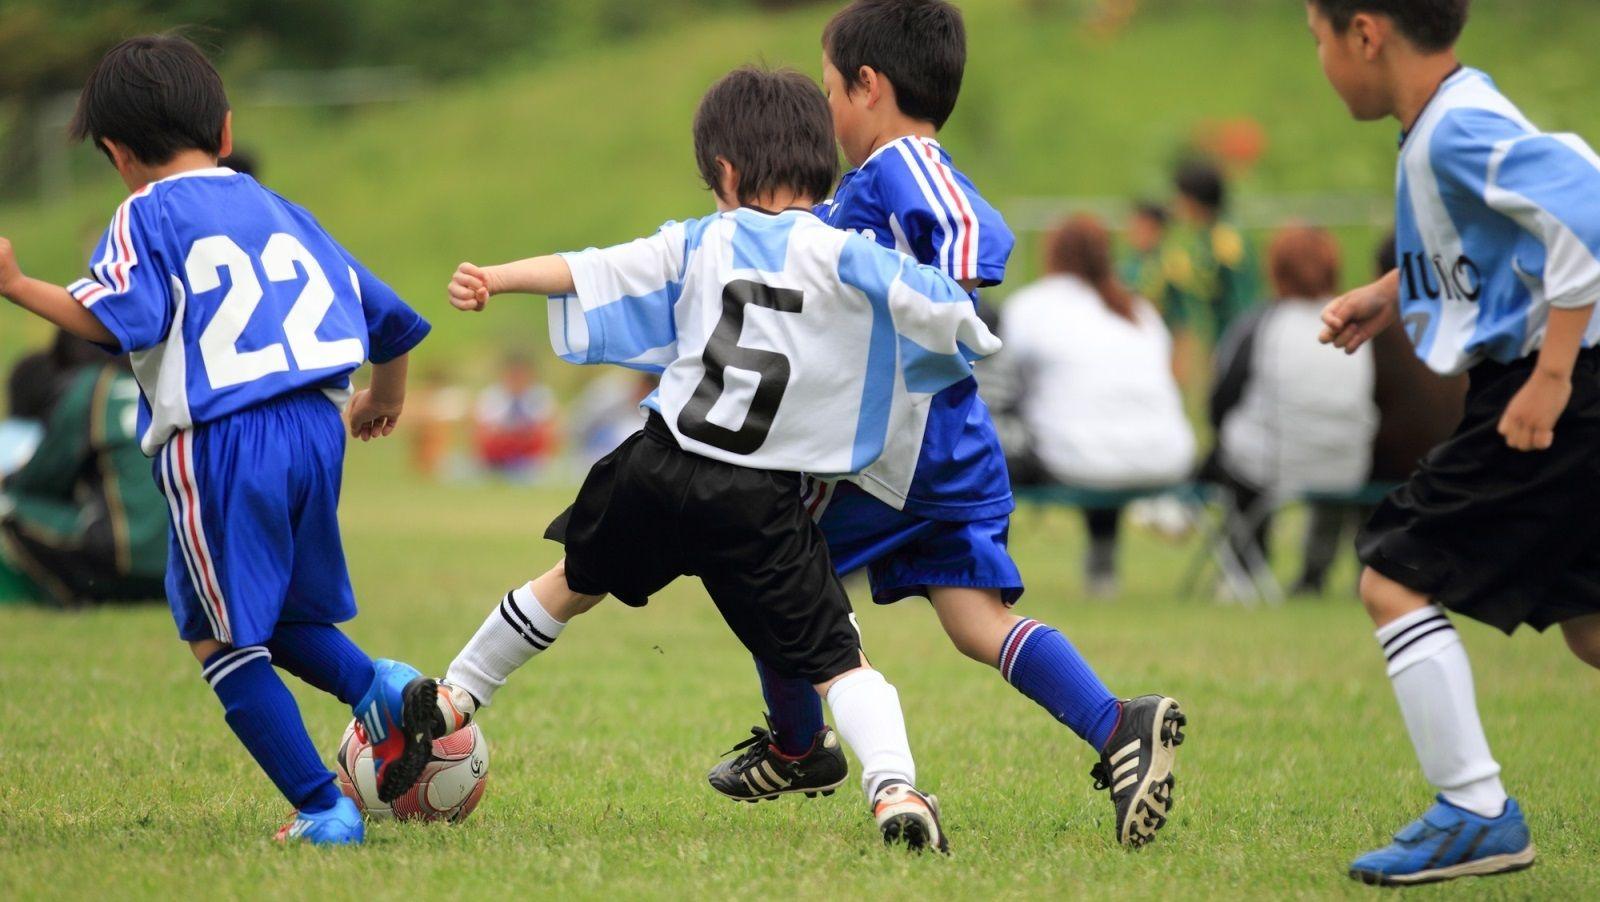 「スポーツ 少年 素材」の画像検索結果